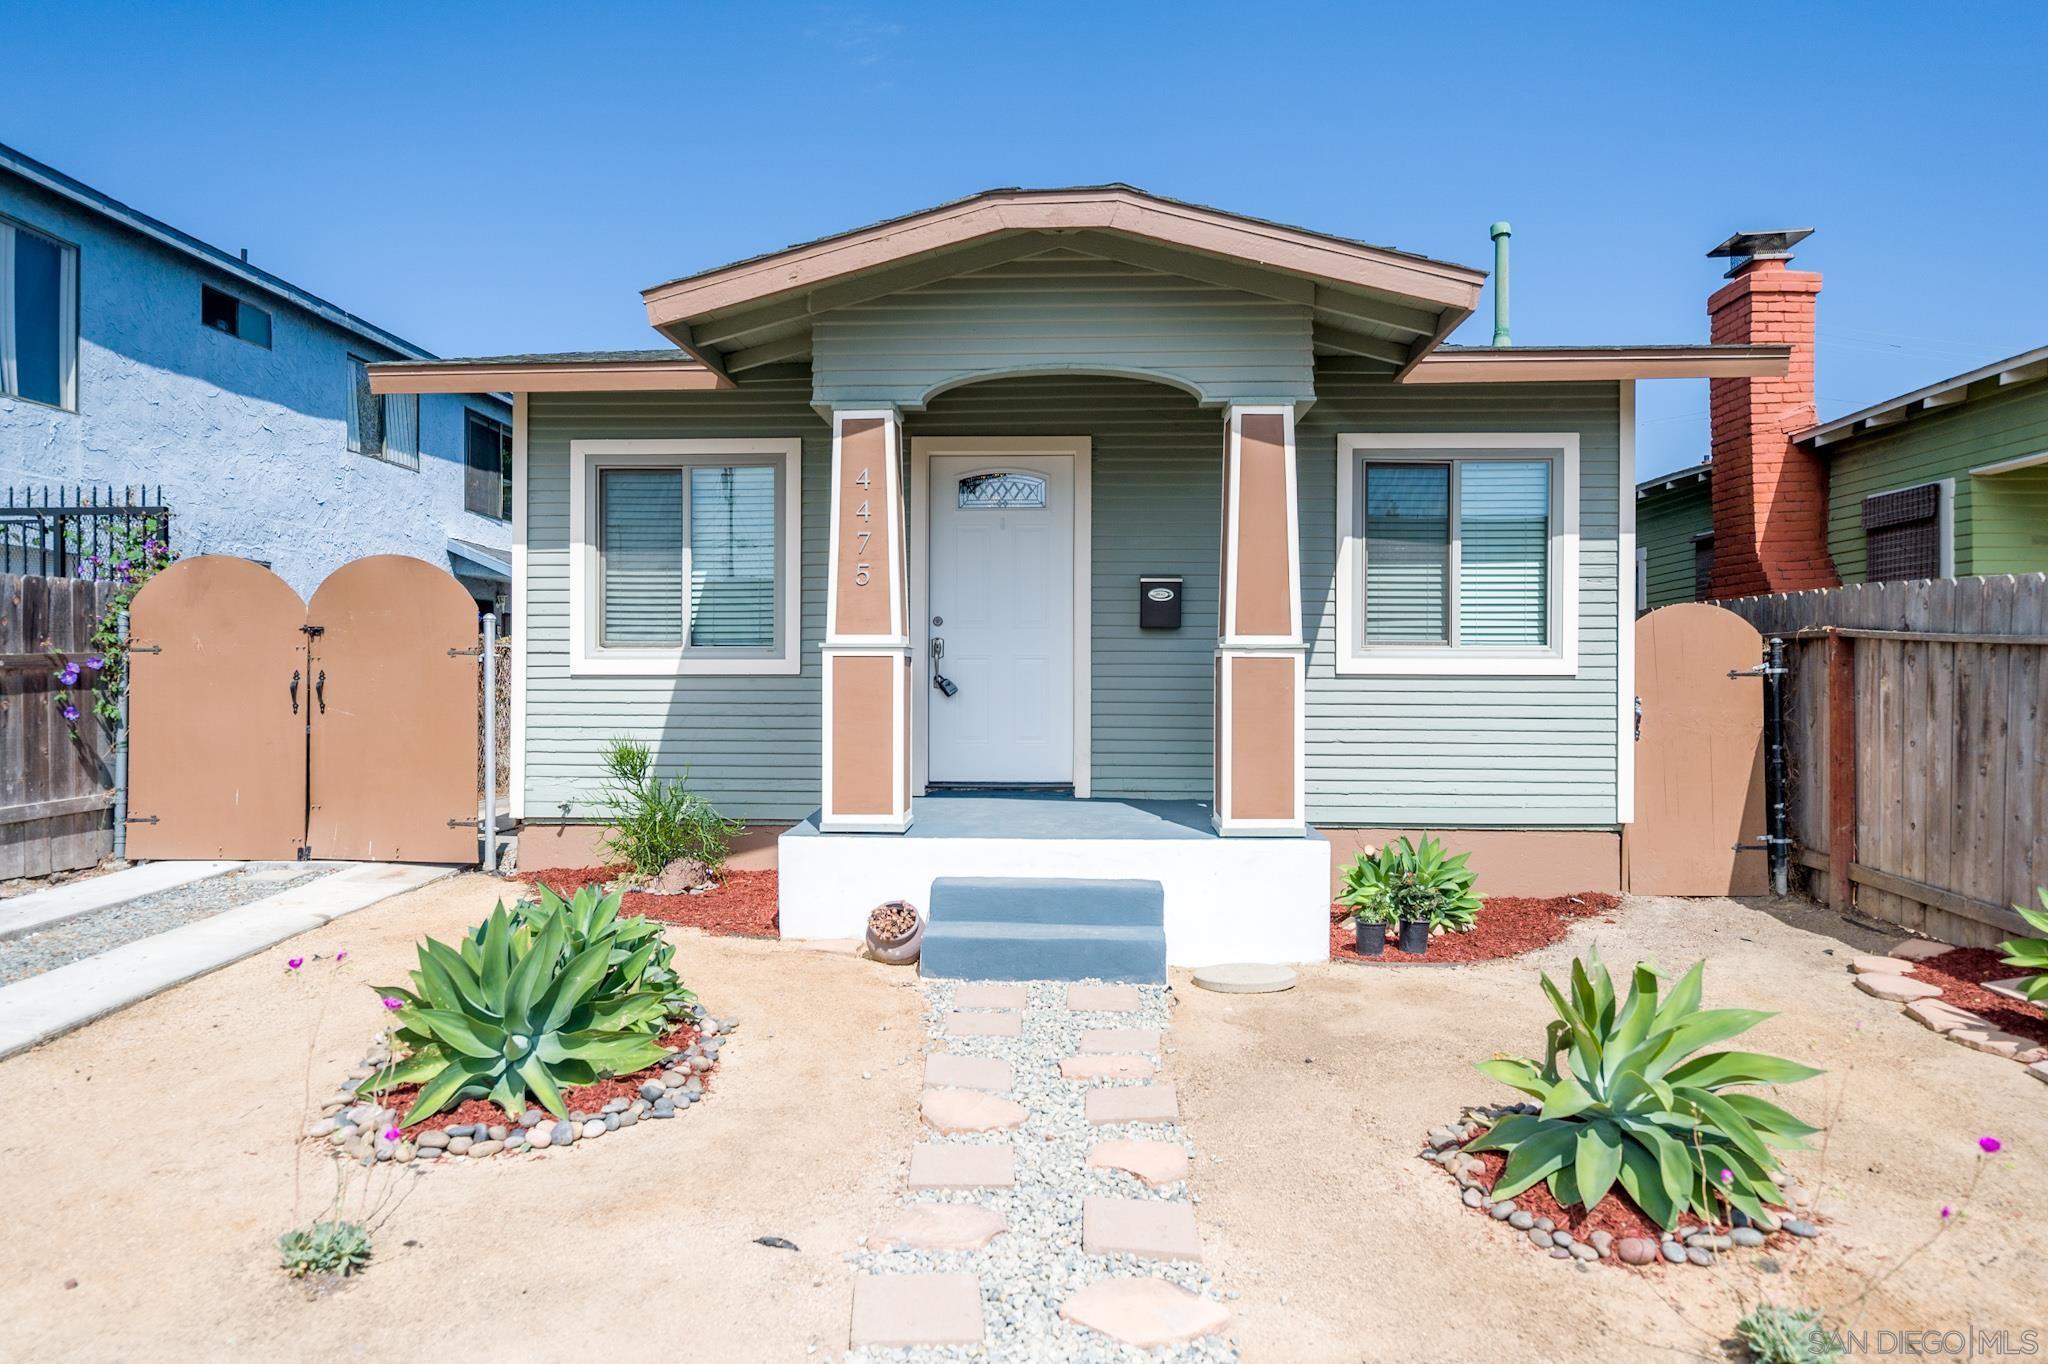 4475 36Th St, San Diego, CA 92116